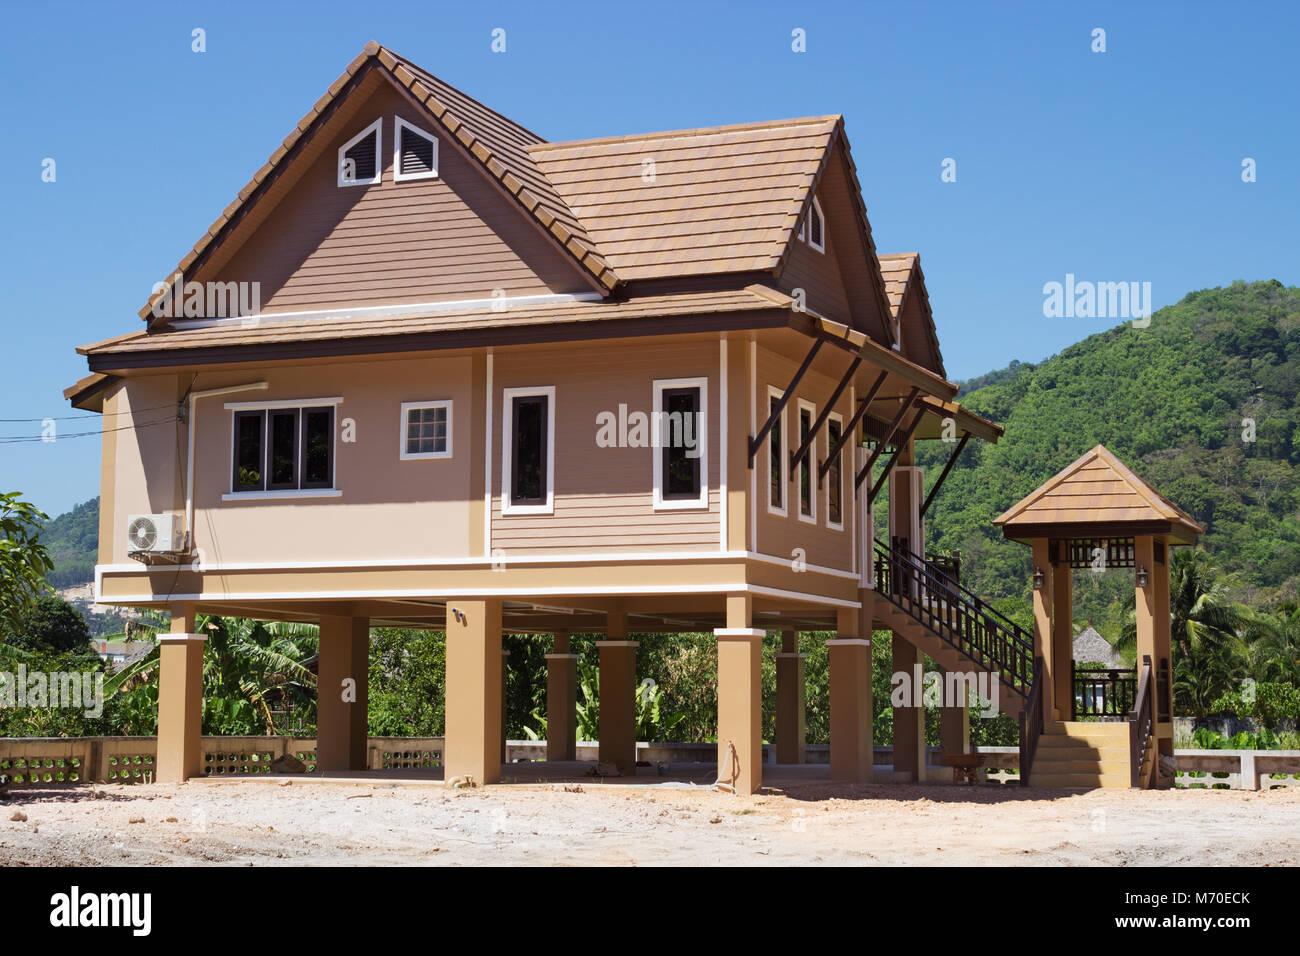 Casas modernas sobre pilotes en Tailandia Foto de stock